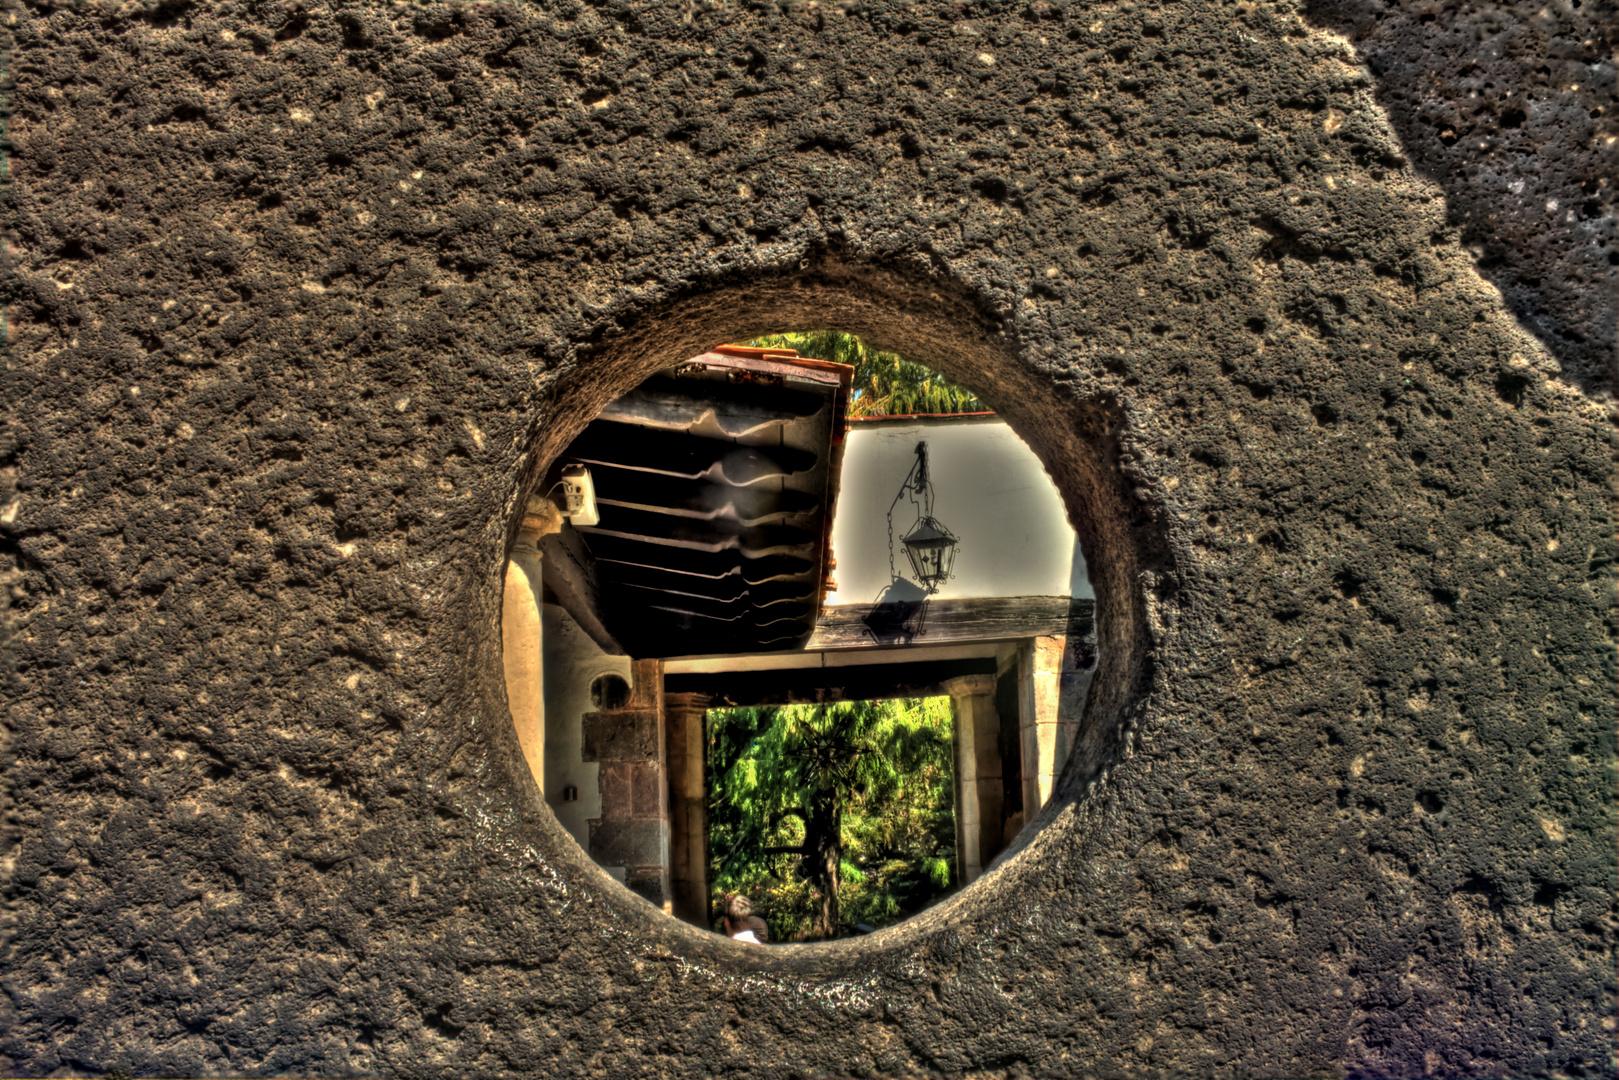 Museo dolores olmedo Xochimilco México D.F.